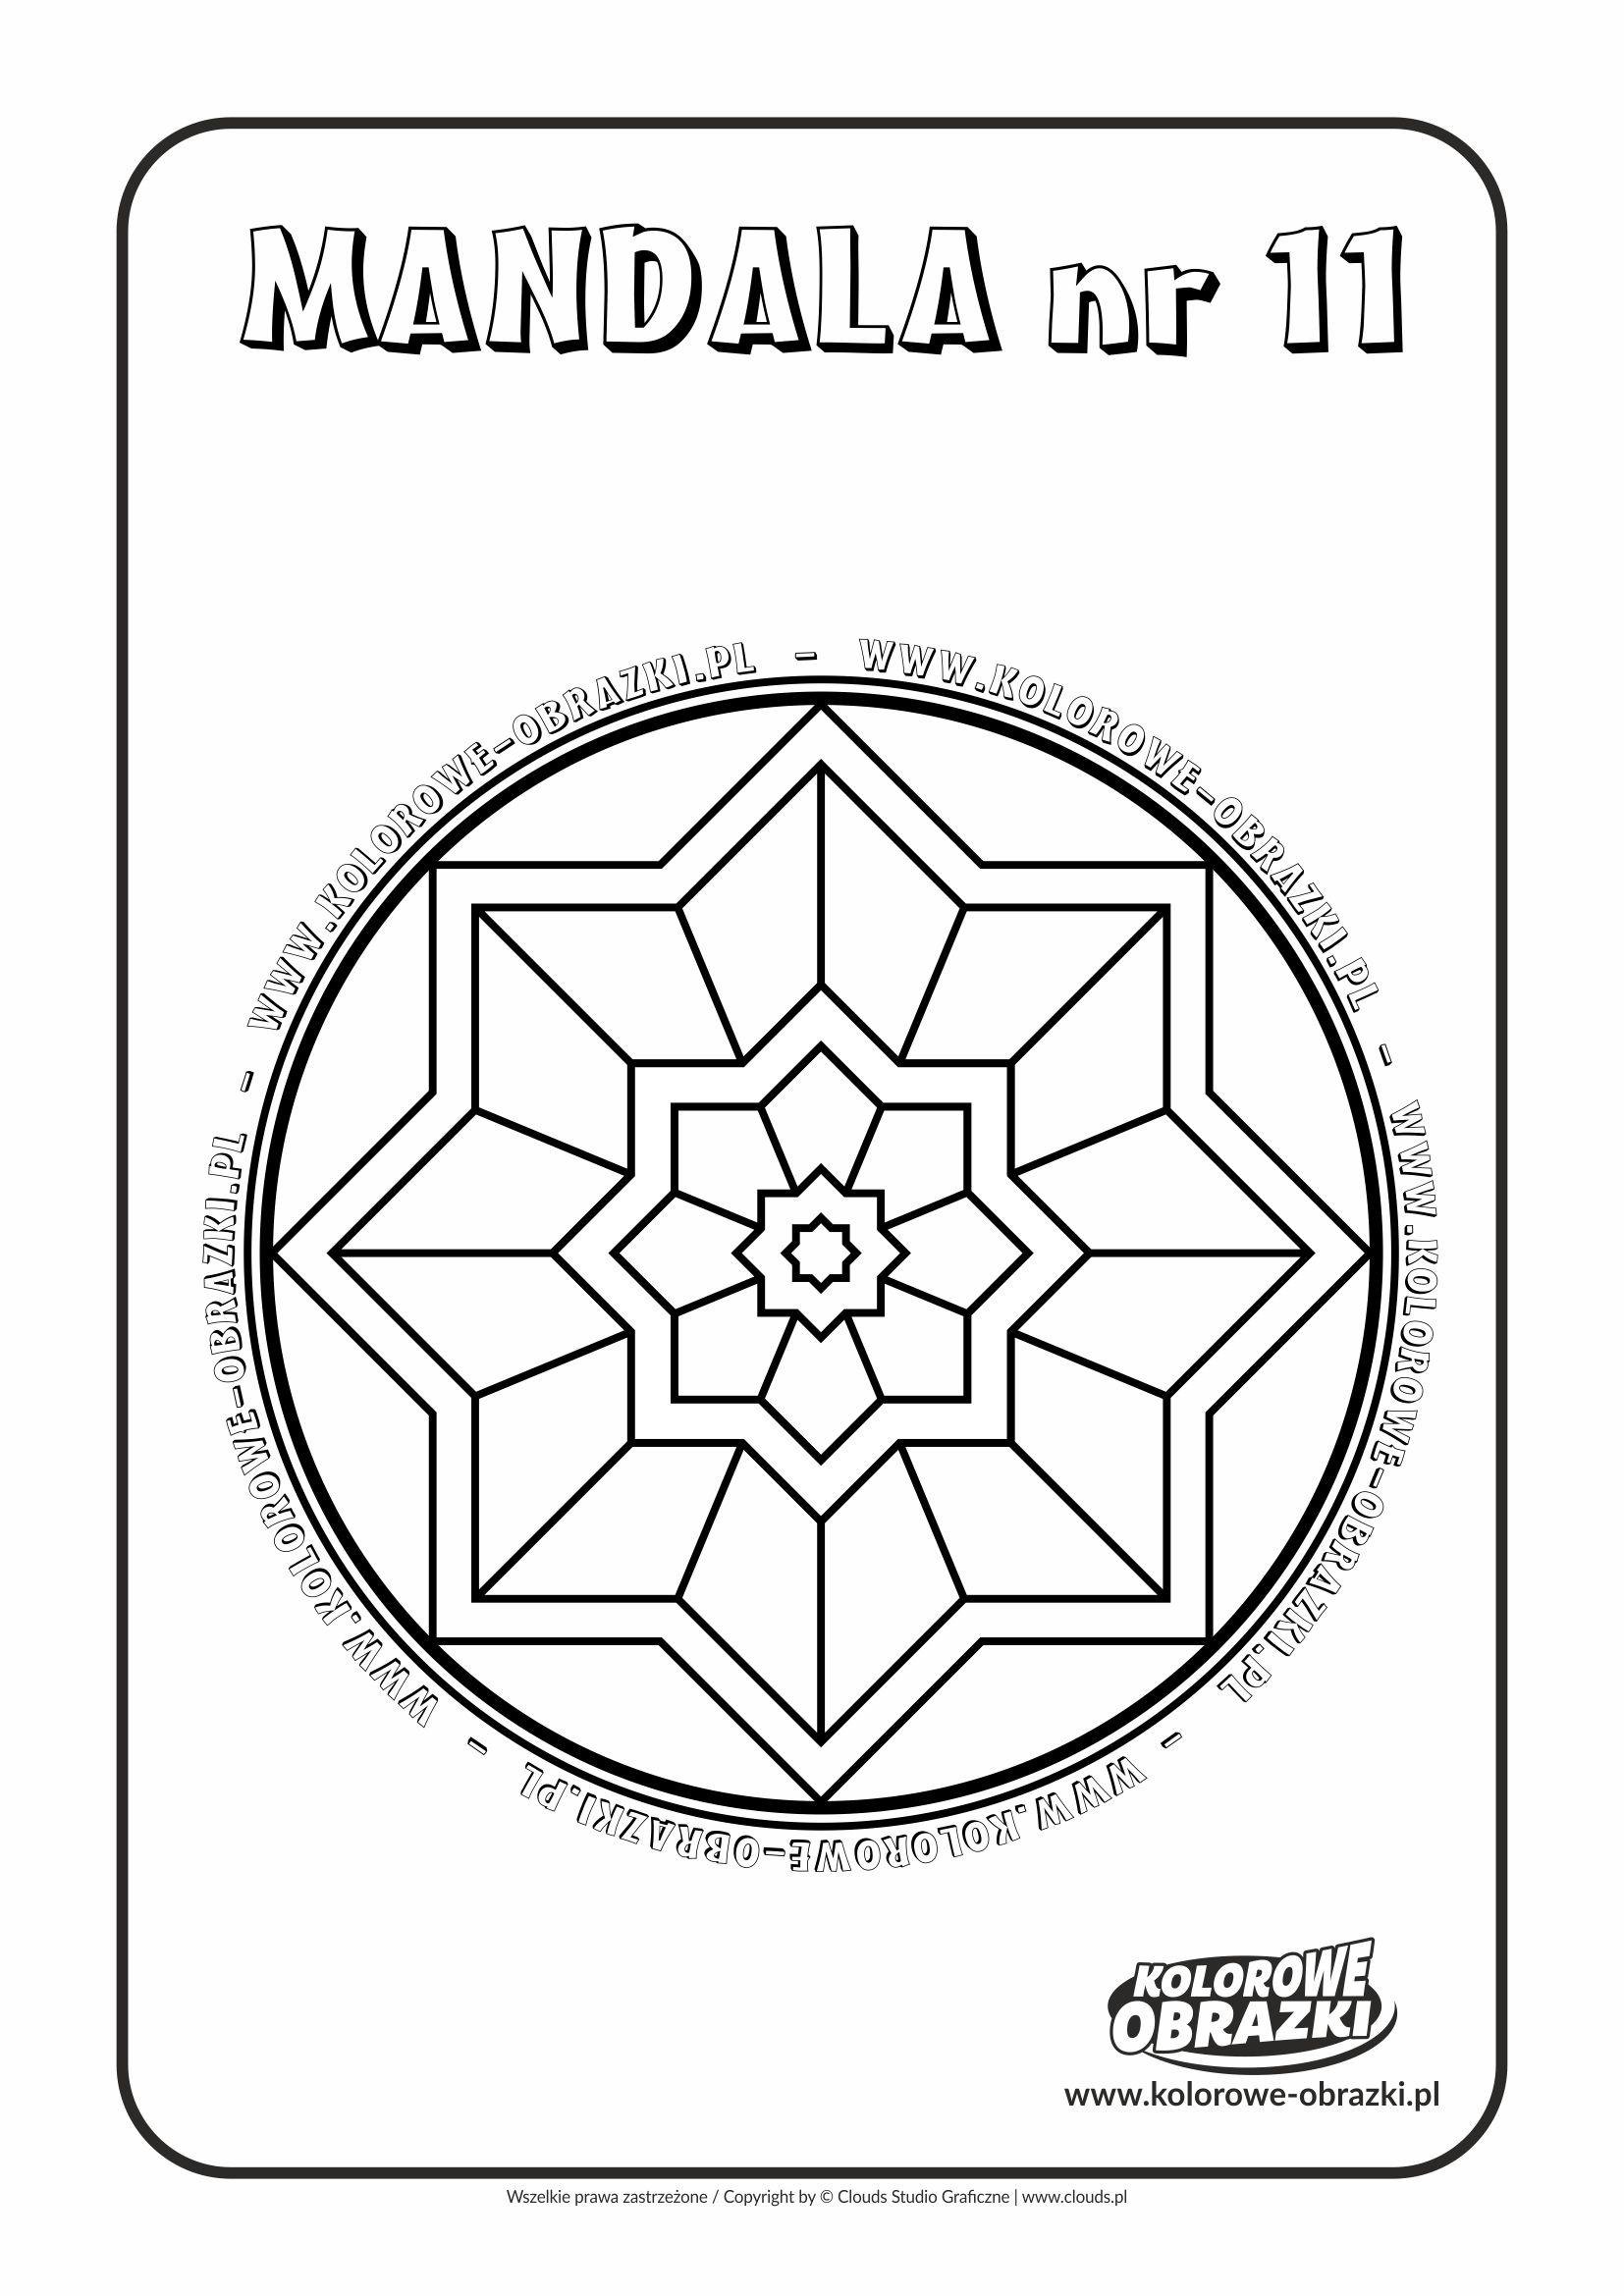 Kolorowanki dla dzieci - Mandale / Mandala nr 11. Kolorowanka z mandalą